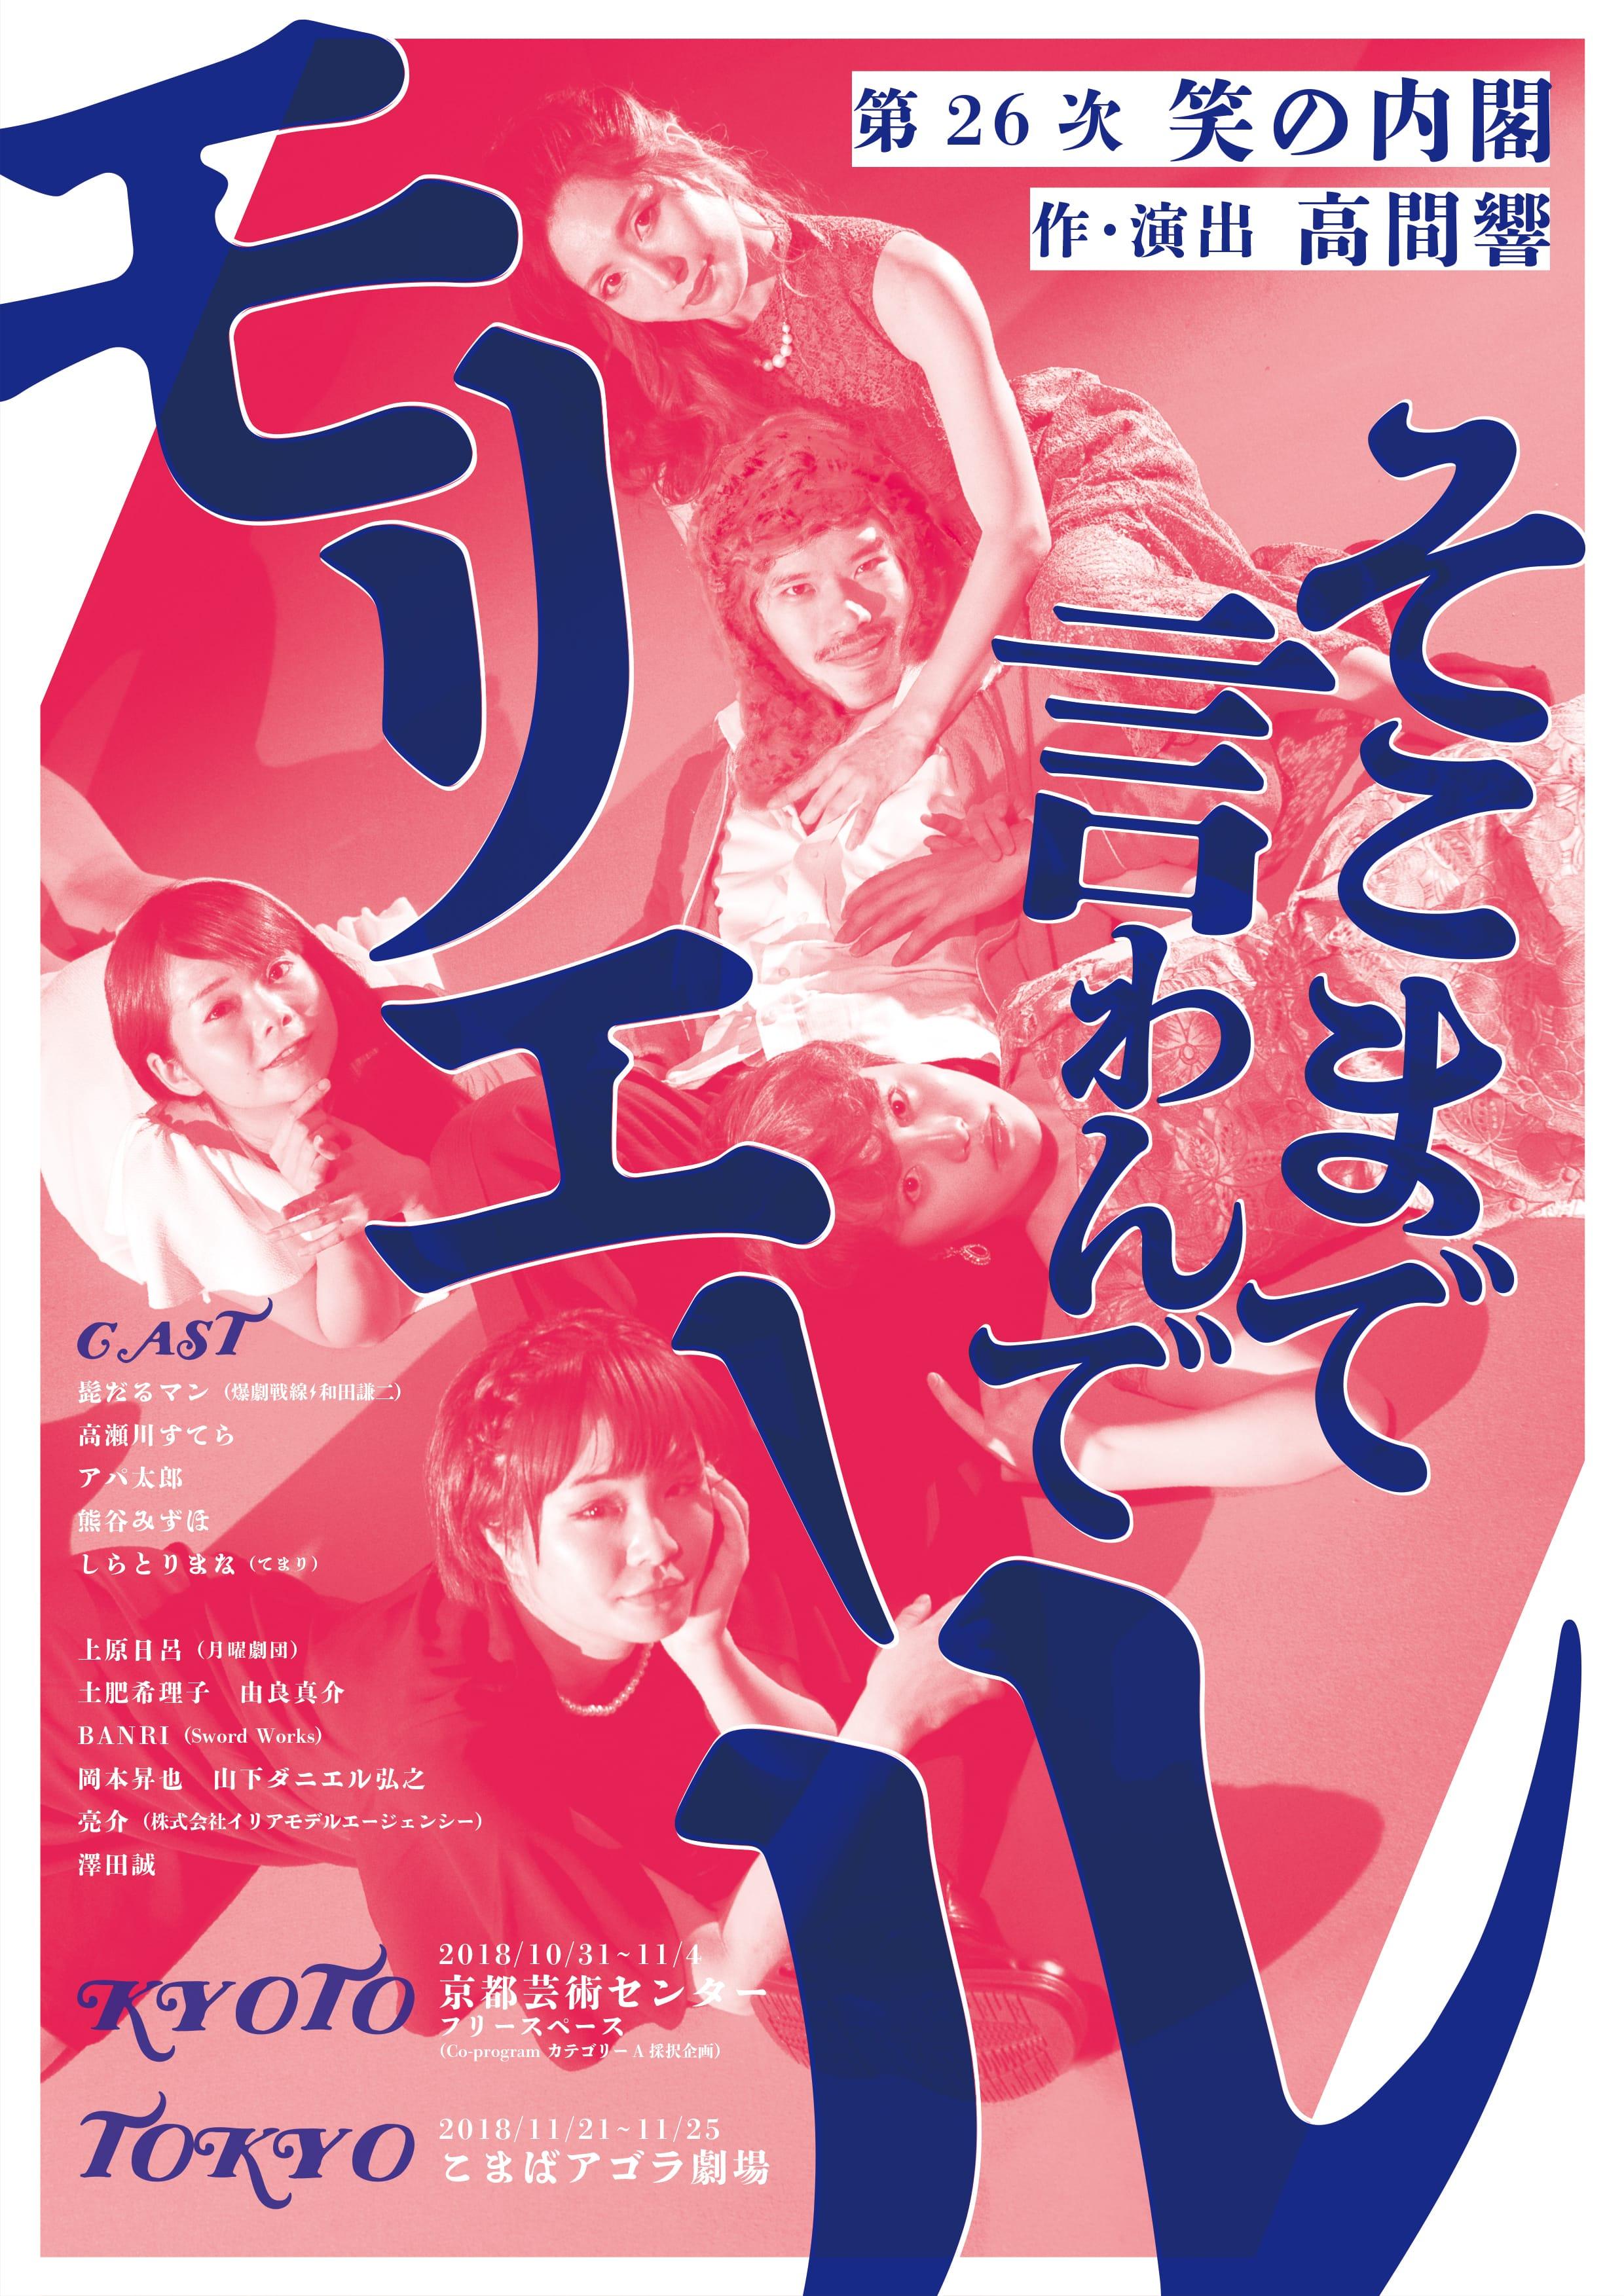 第26次笑の内閣 『そこまで言わんでモリエール』(京都公演)